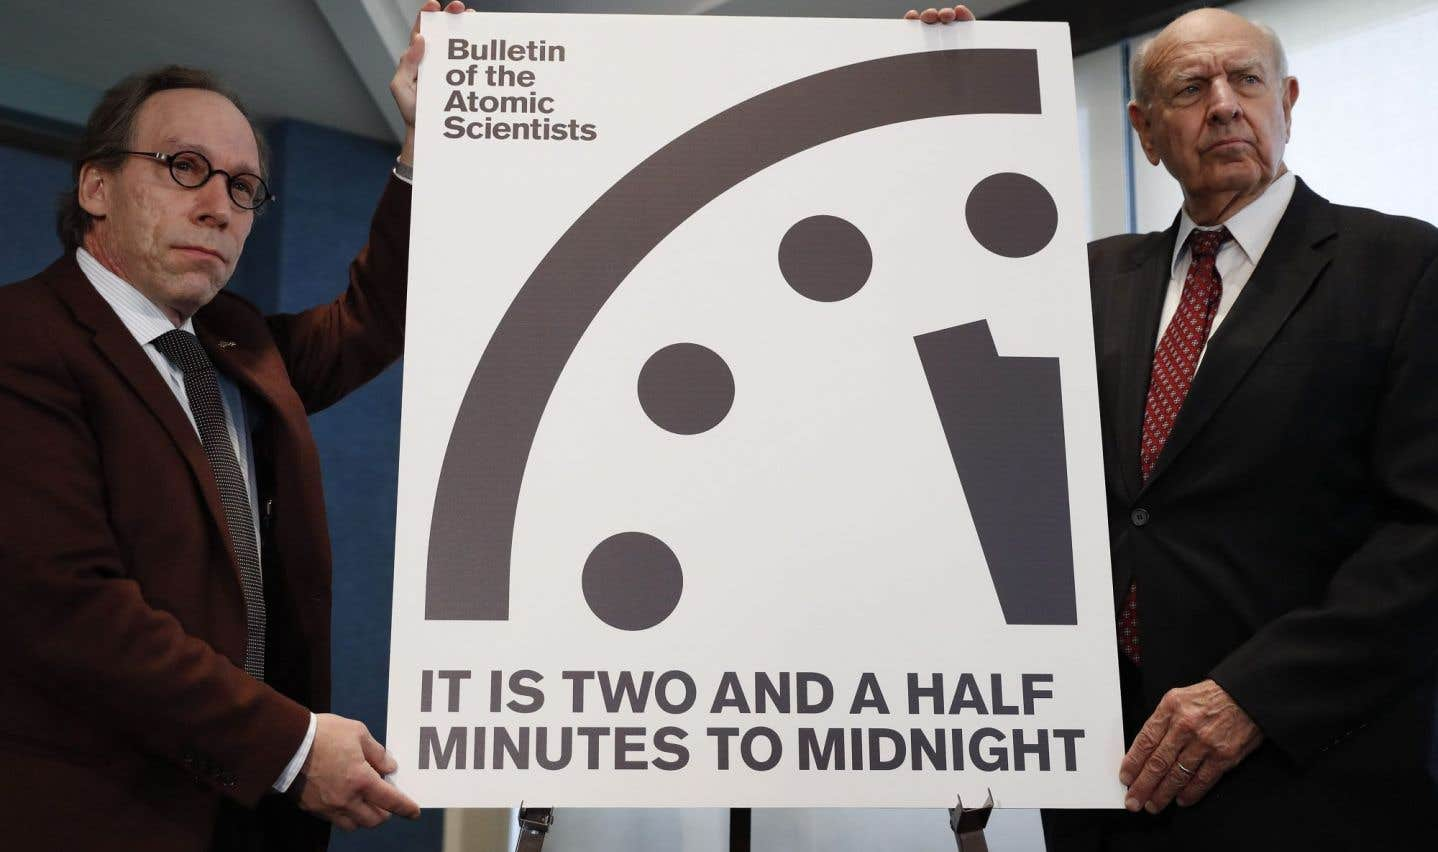 Les scientifiques Lawrence Krauss et Thomas Pickering ont dévoilé la nouvelle heure ornantl'«horloge de l'apocalypse».